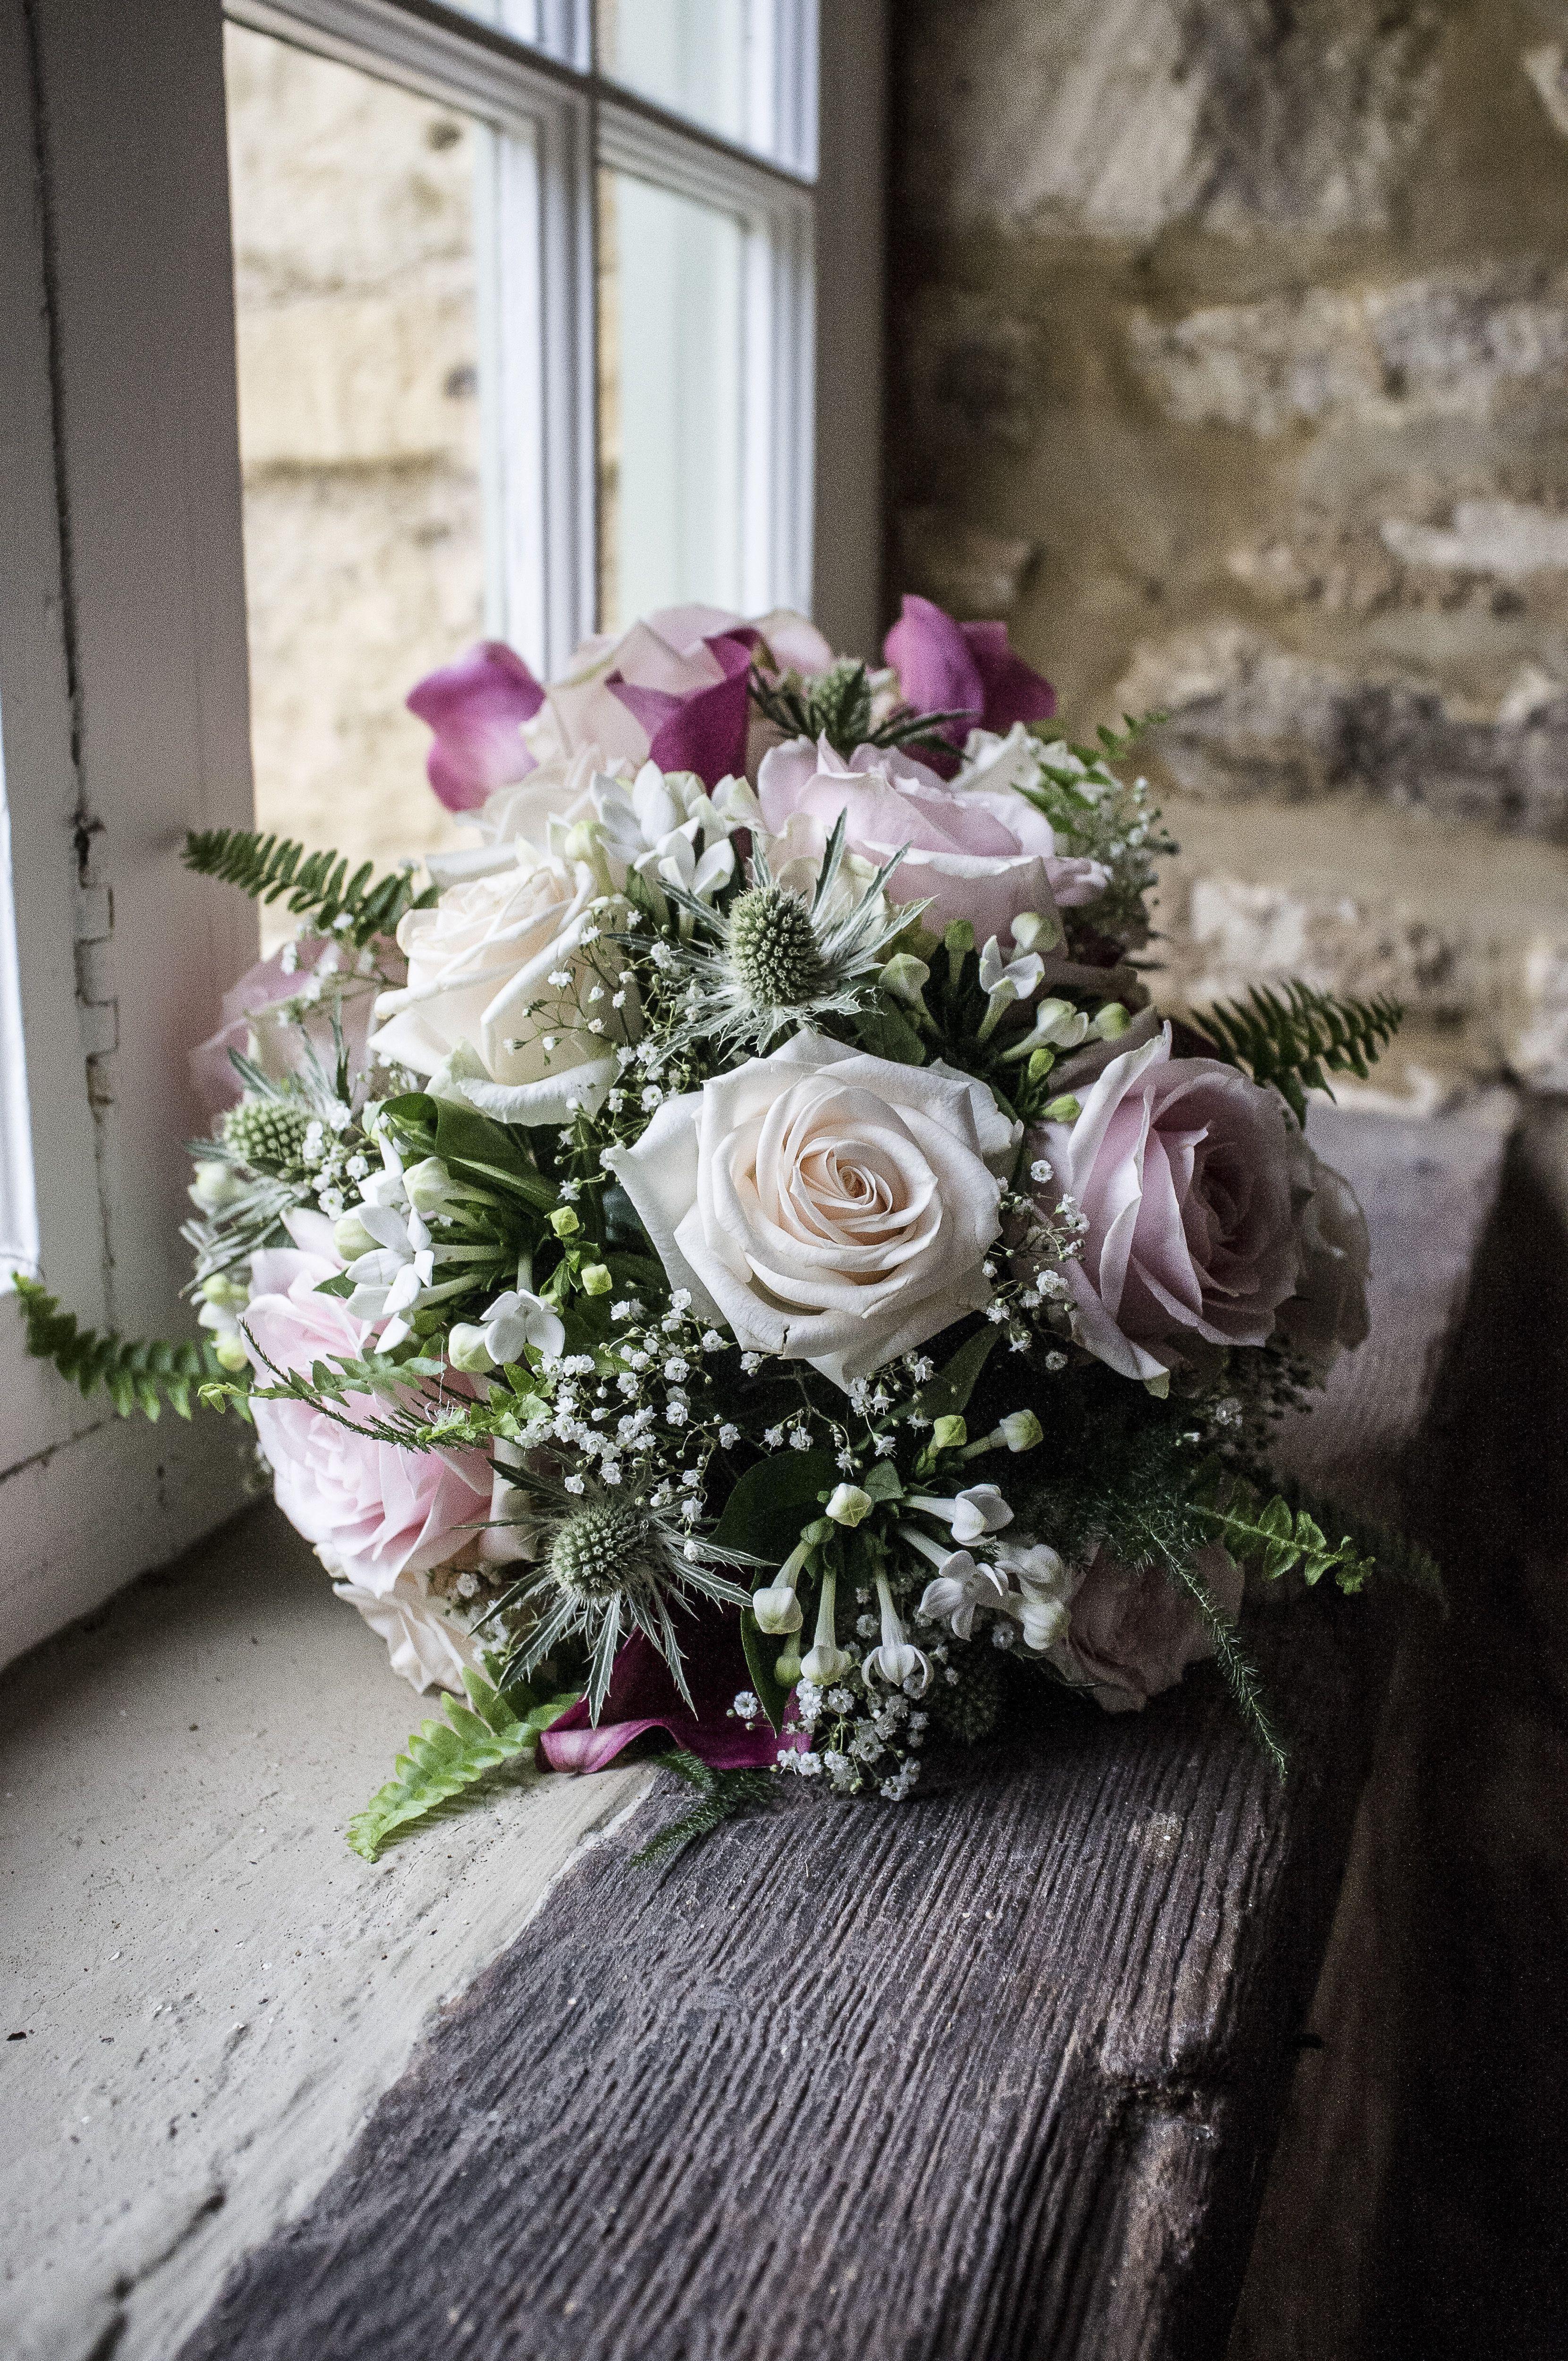 The Kings Hotel Weddings Flowers Restaurant Photo By Dan Rayner